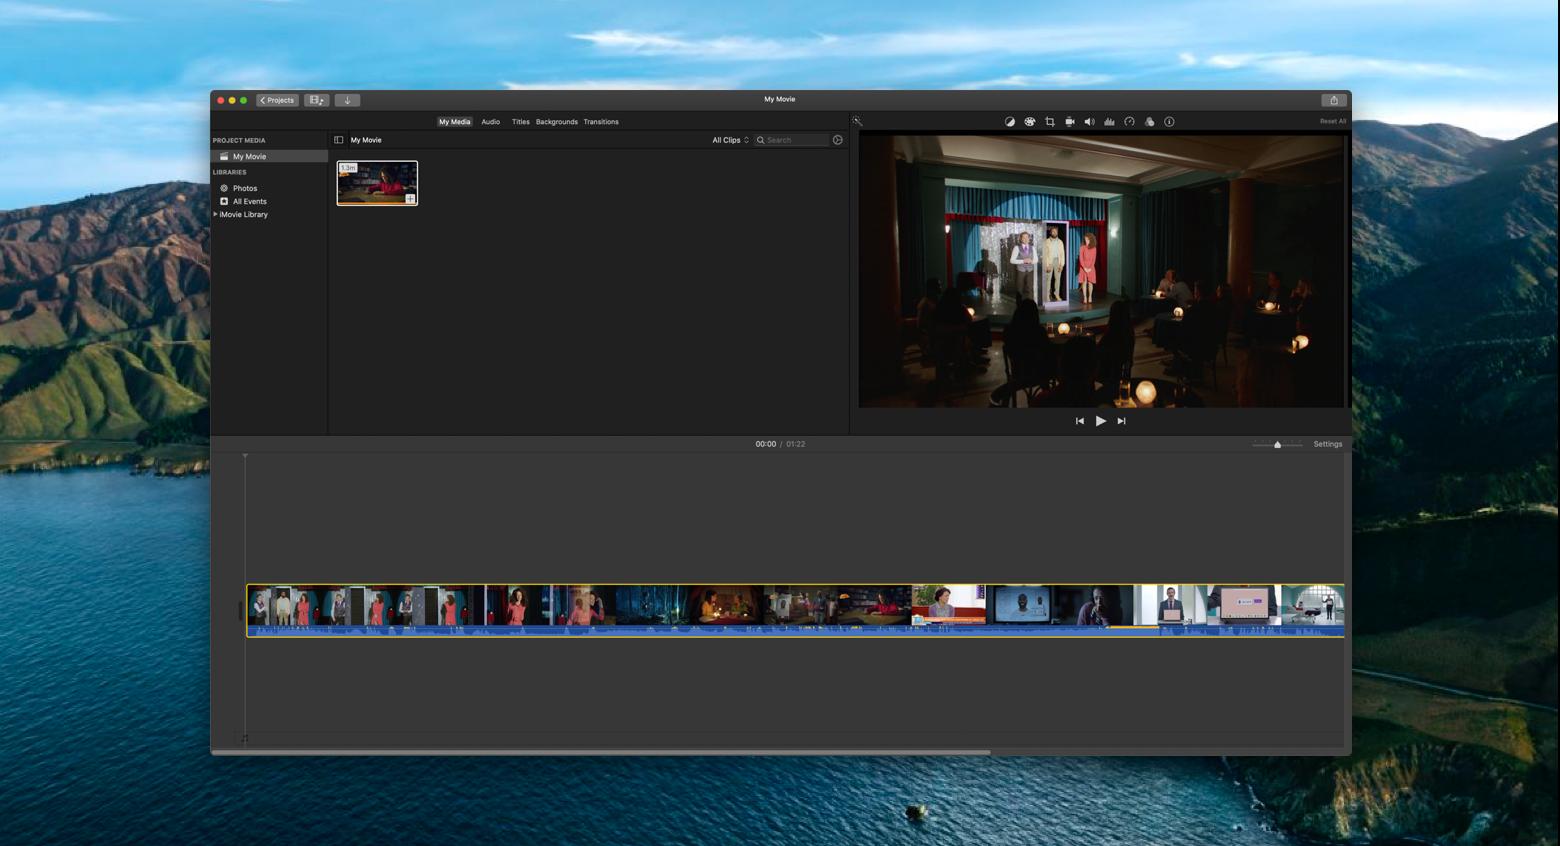 iMovie video editing